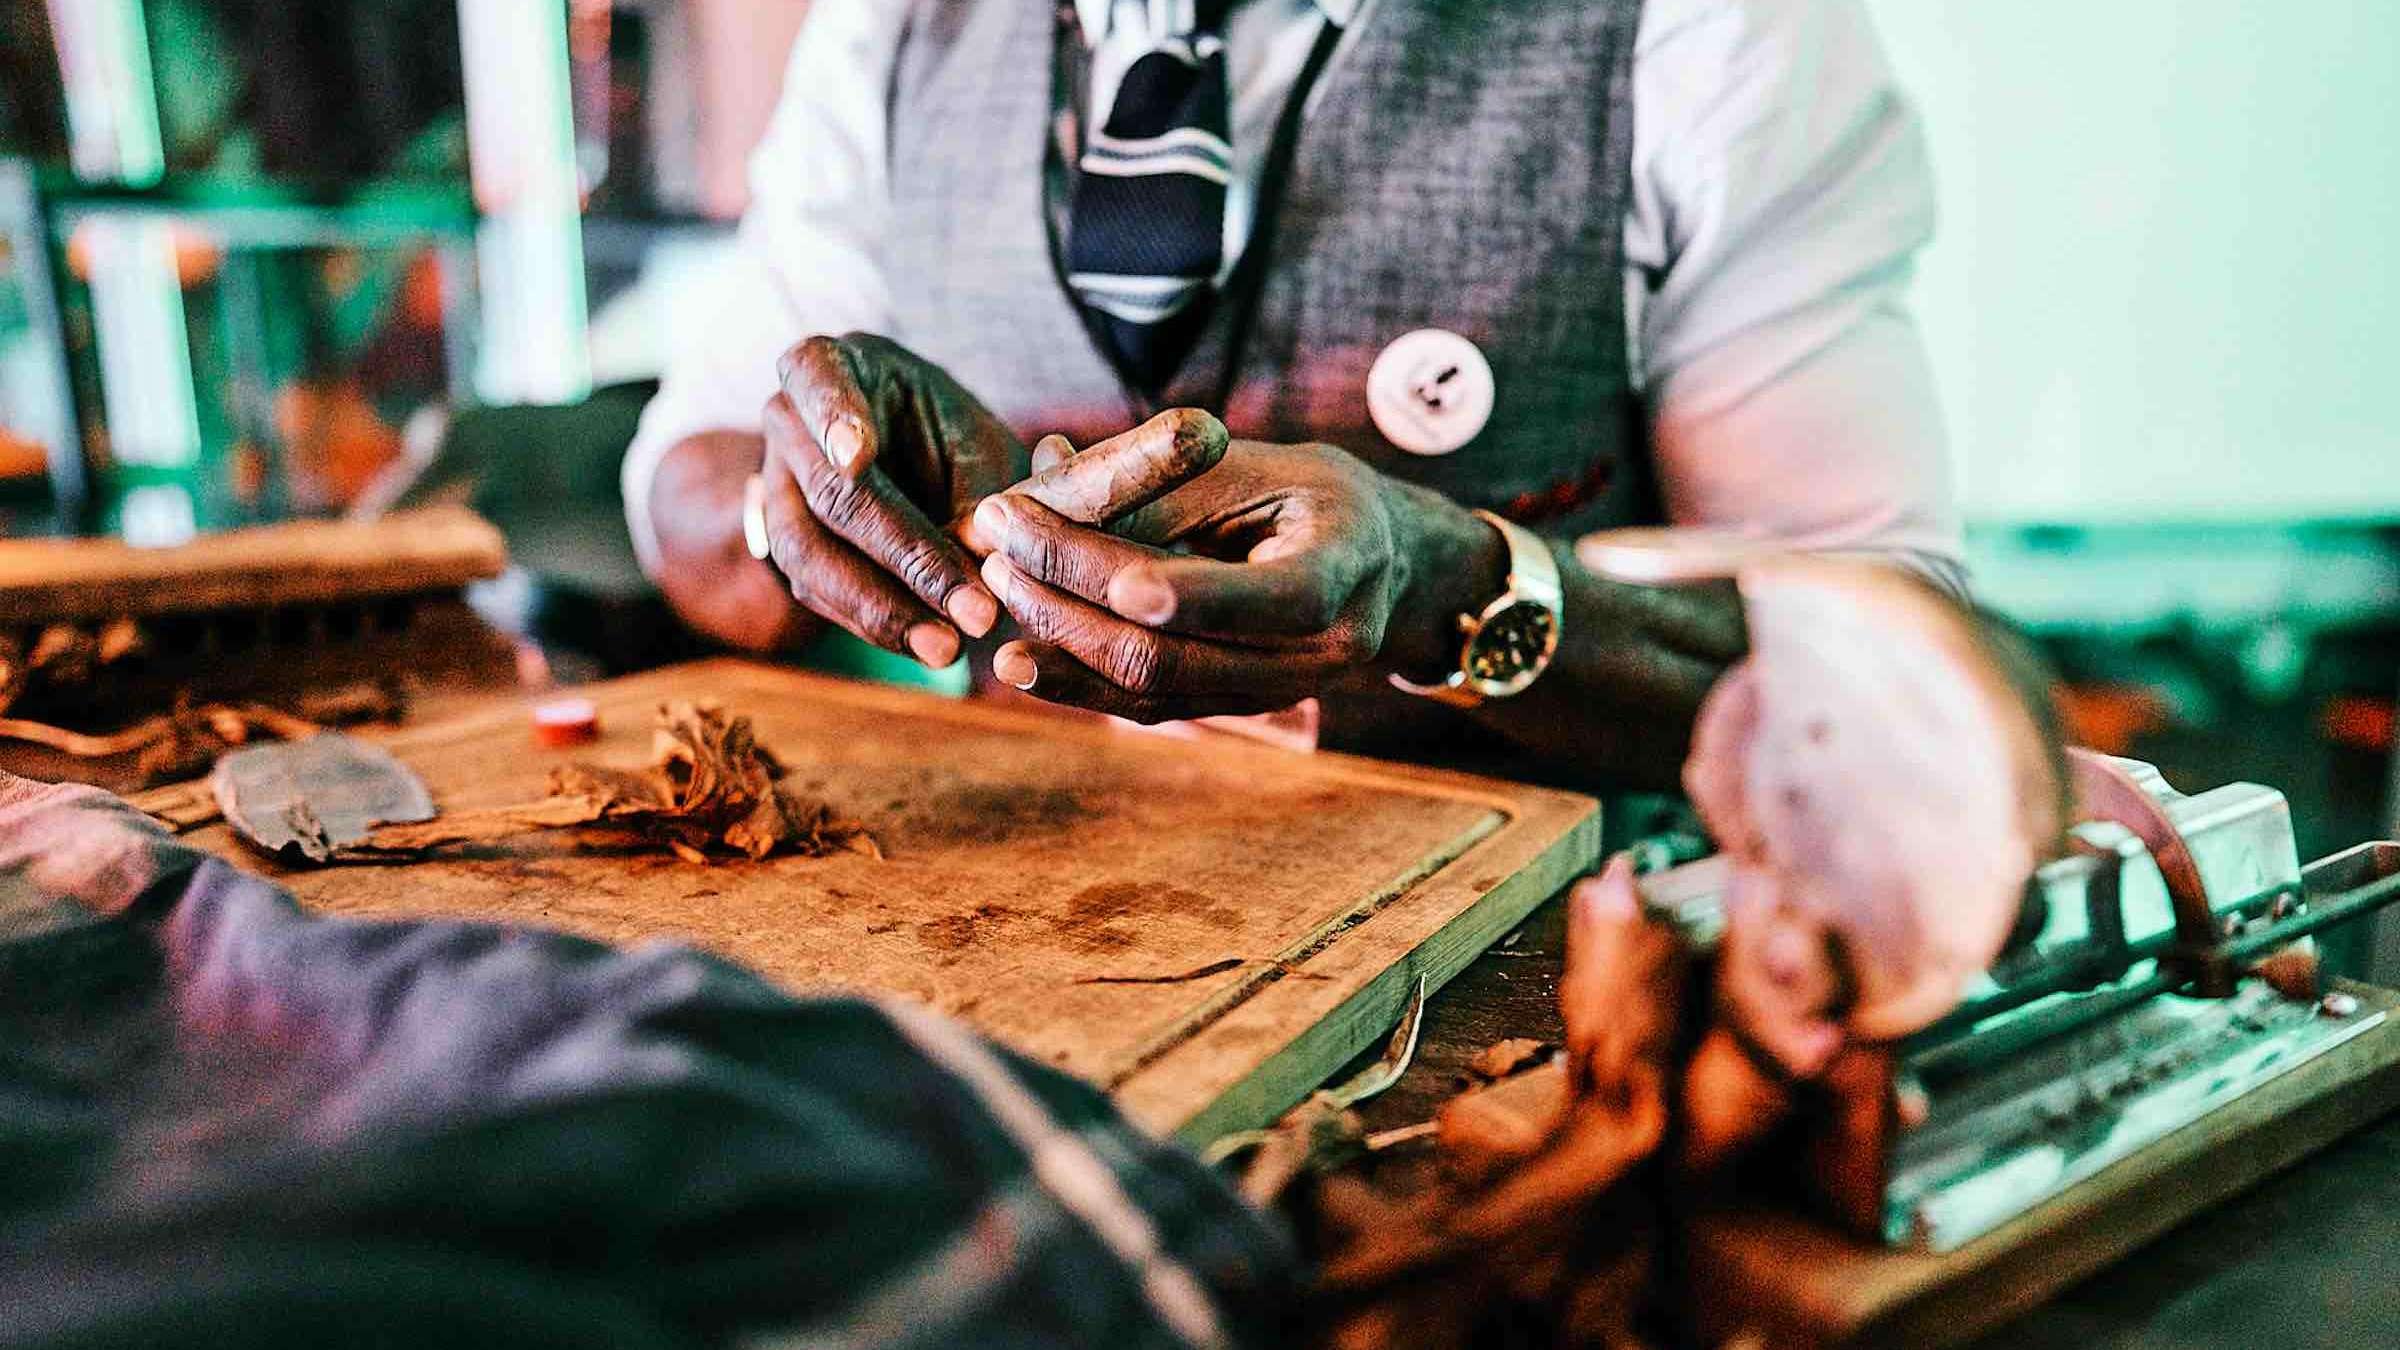 Lehmann |Eventservice |Partner |Zigarrenroller |Tabakroller |Handgemachte |Zigarren |Zigarrendreher |Buchen |Mieten |Anfragen